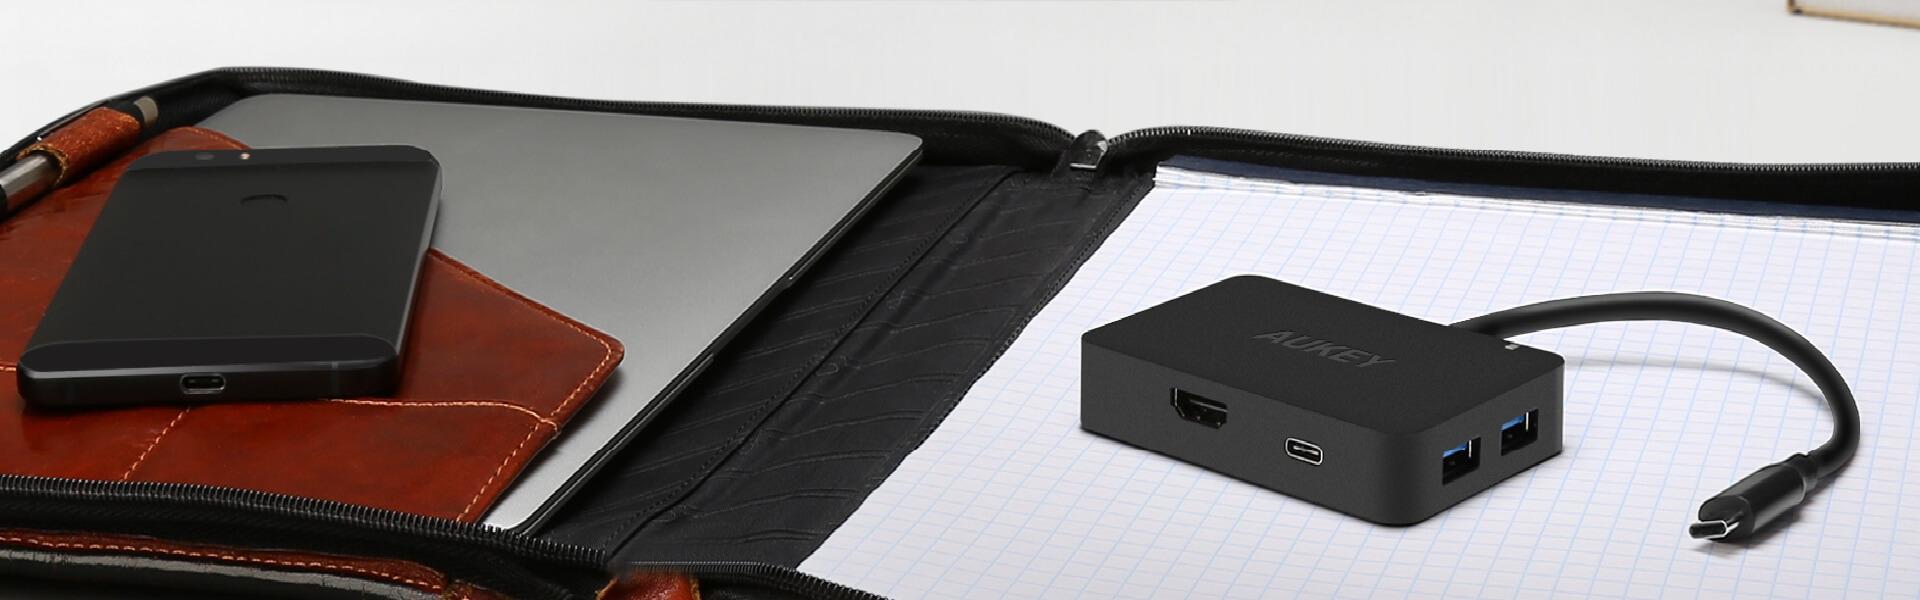 USB-C Hubs USB